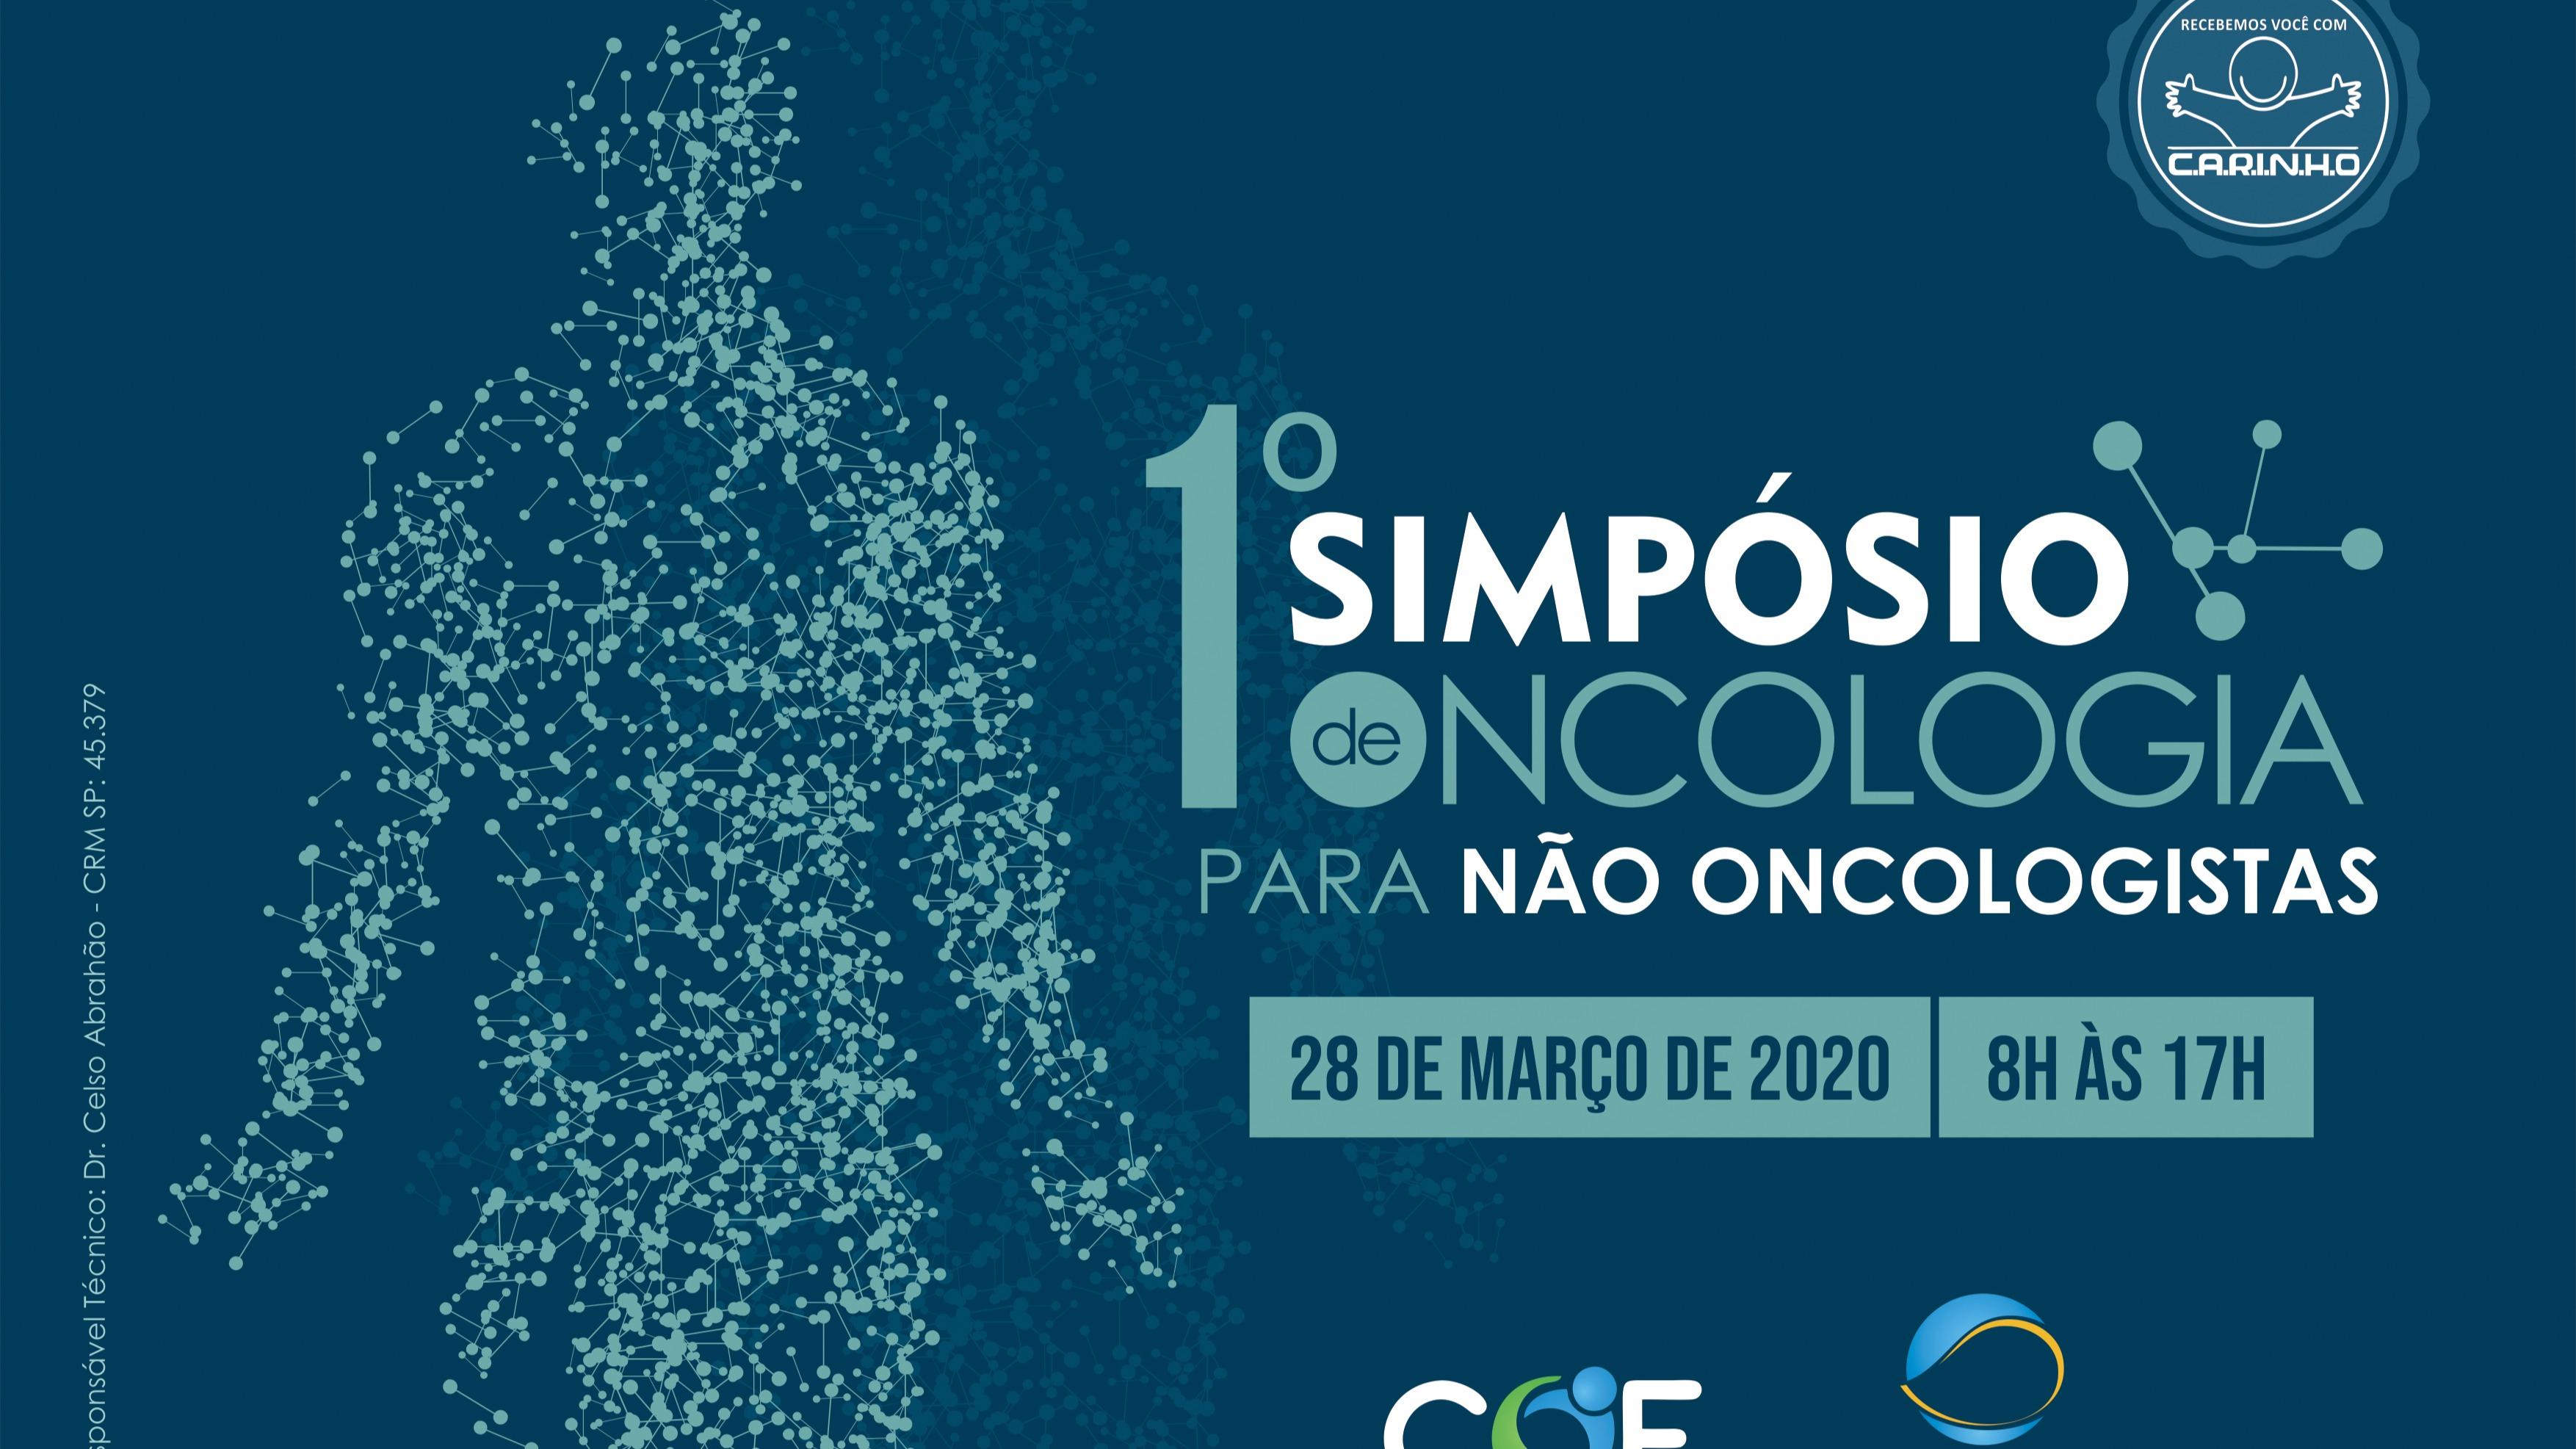 I Simpósio de Oncologia para Não Oncologistas do COE/Incon